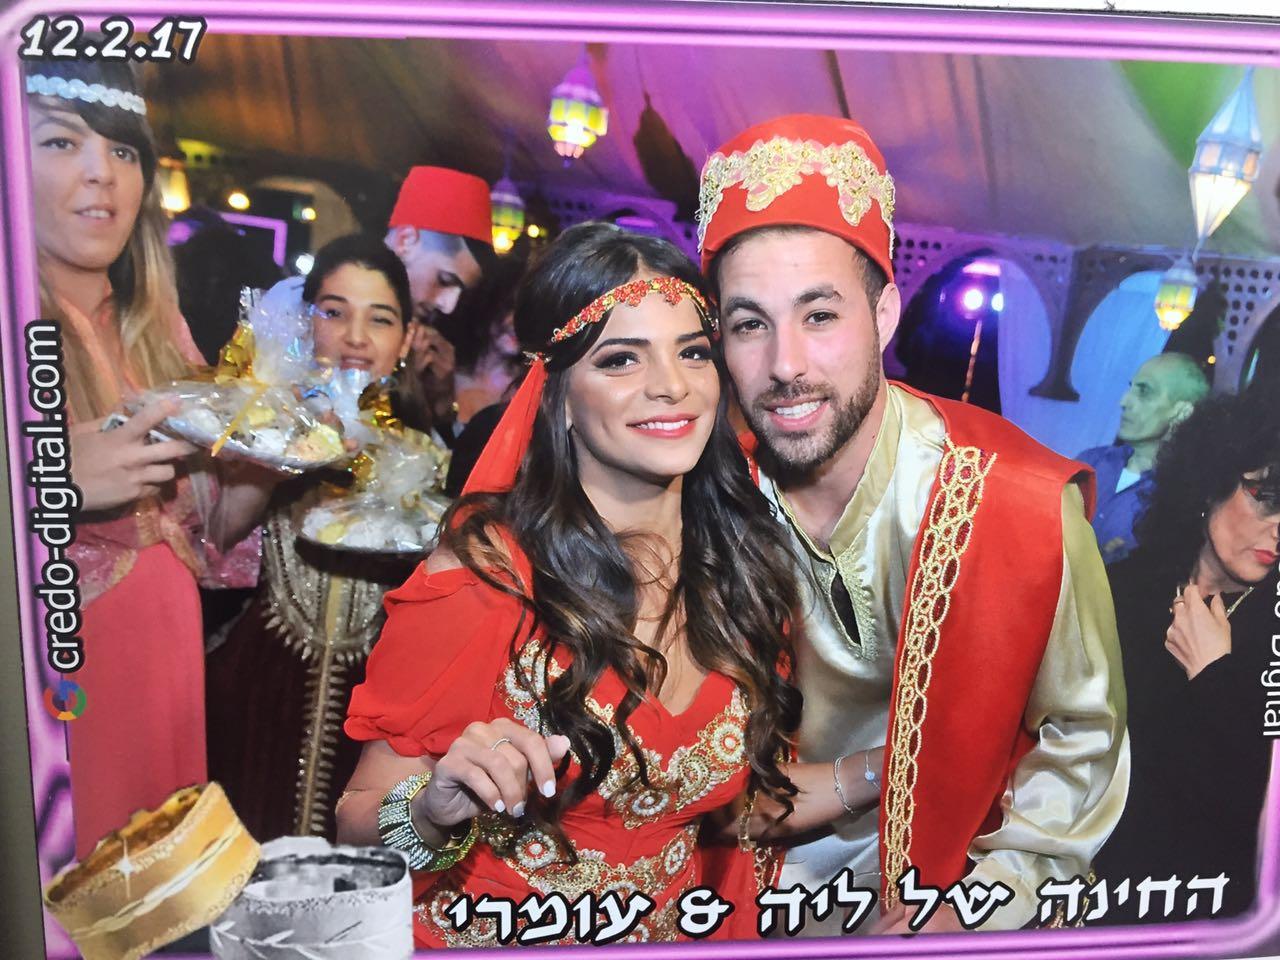 כזוג נסיכים... עומרי זידן וליה אליסוף בטקס החינה במרקש